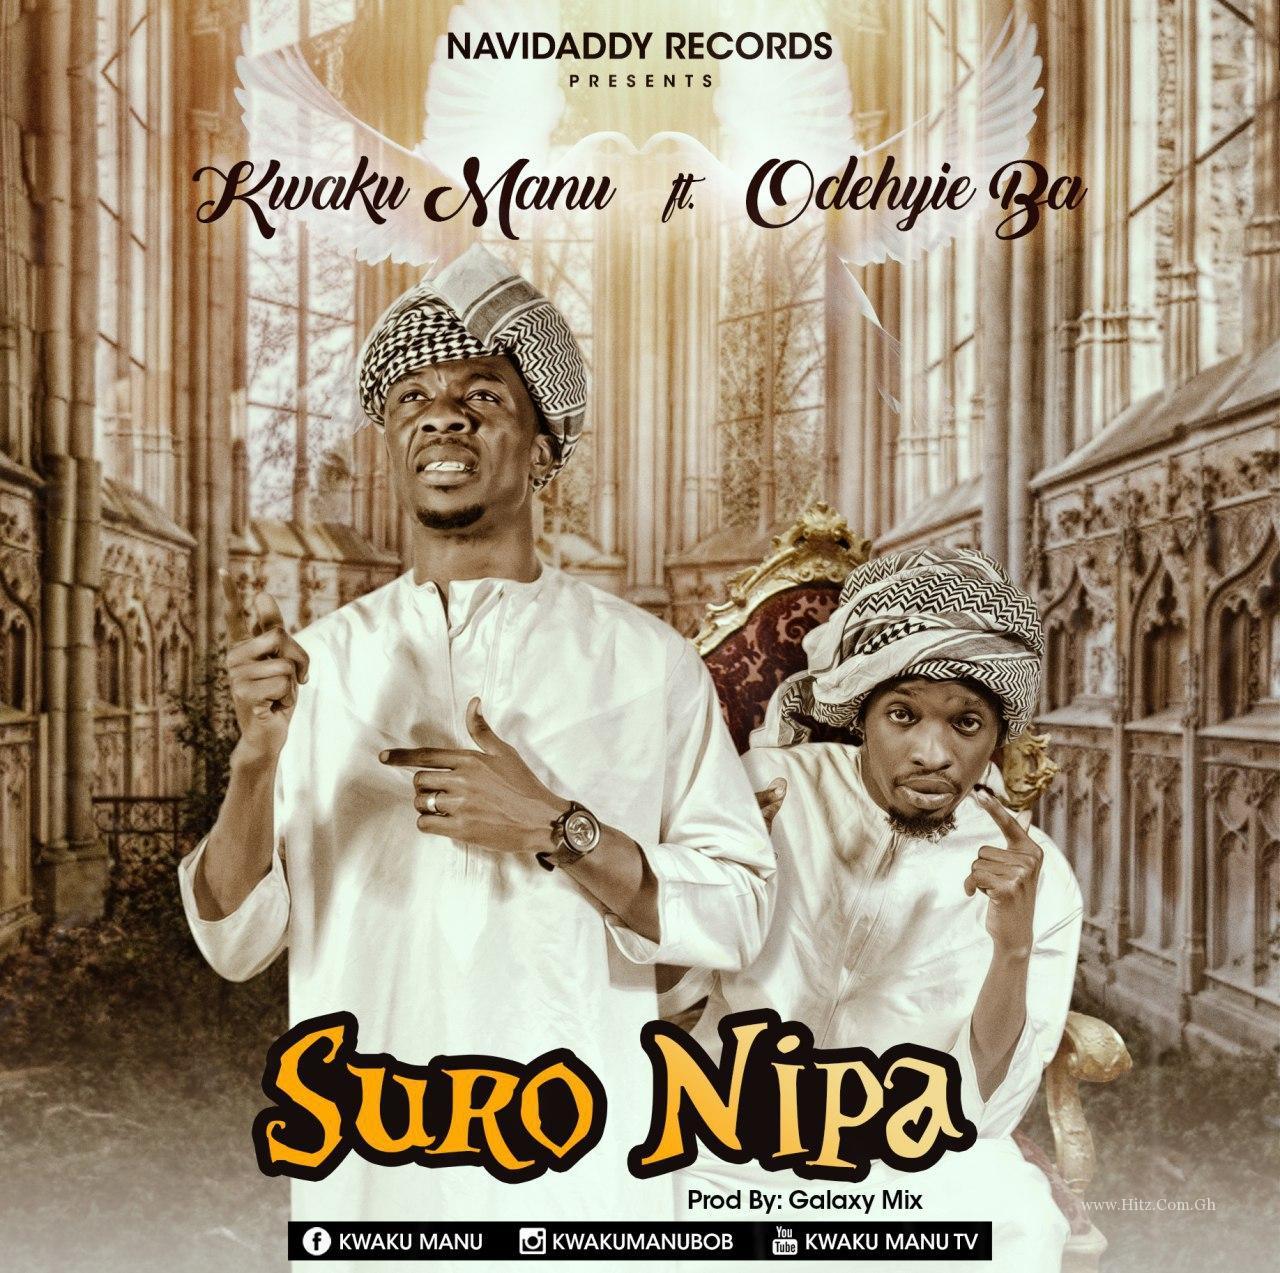 Kwaku Manu Odehyie Ba – Suro Nipa Prod By Galzxy Mix